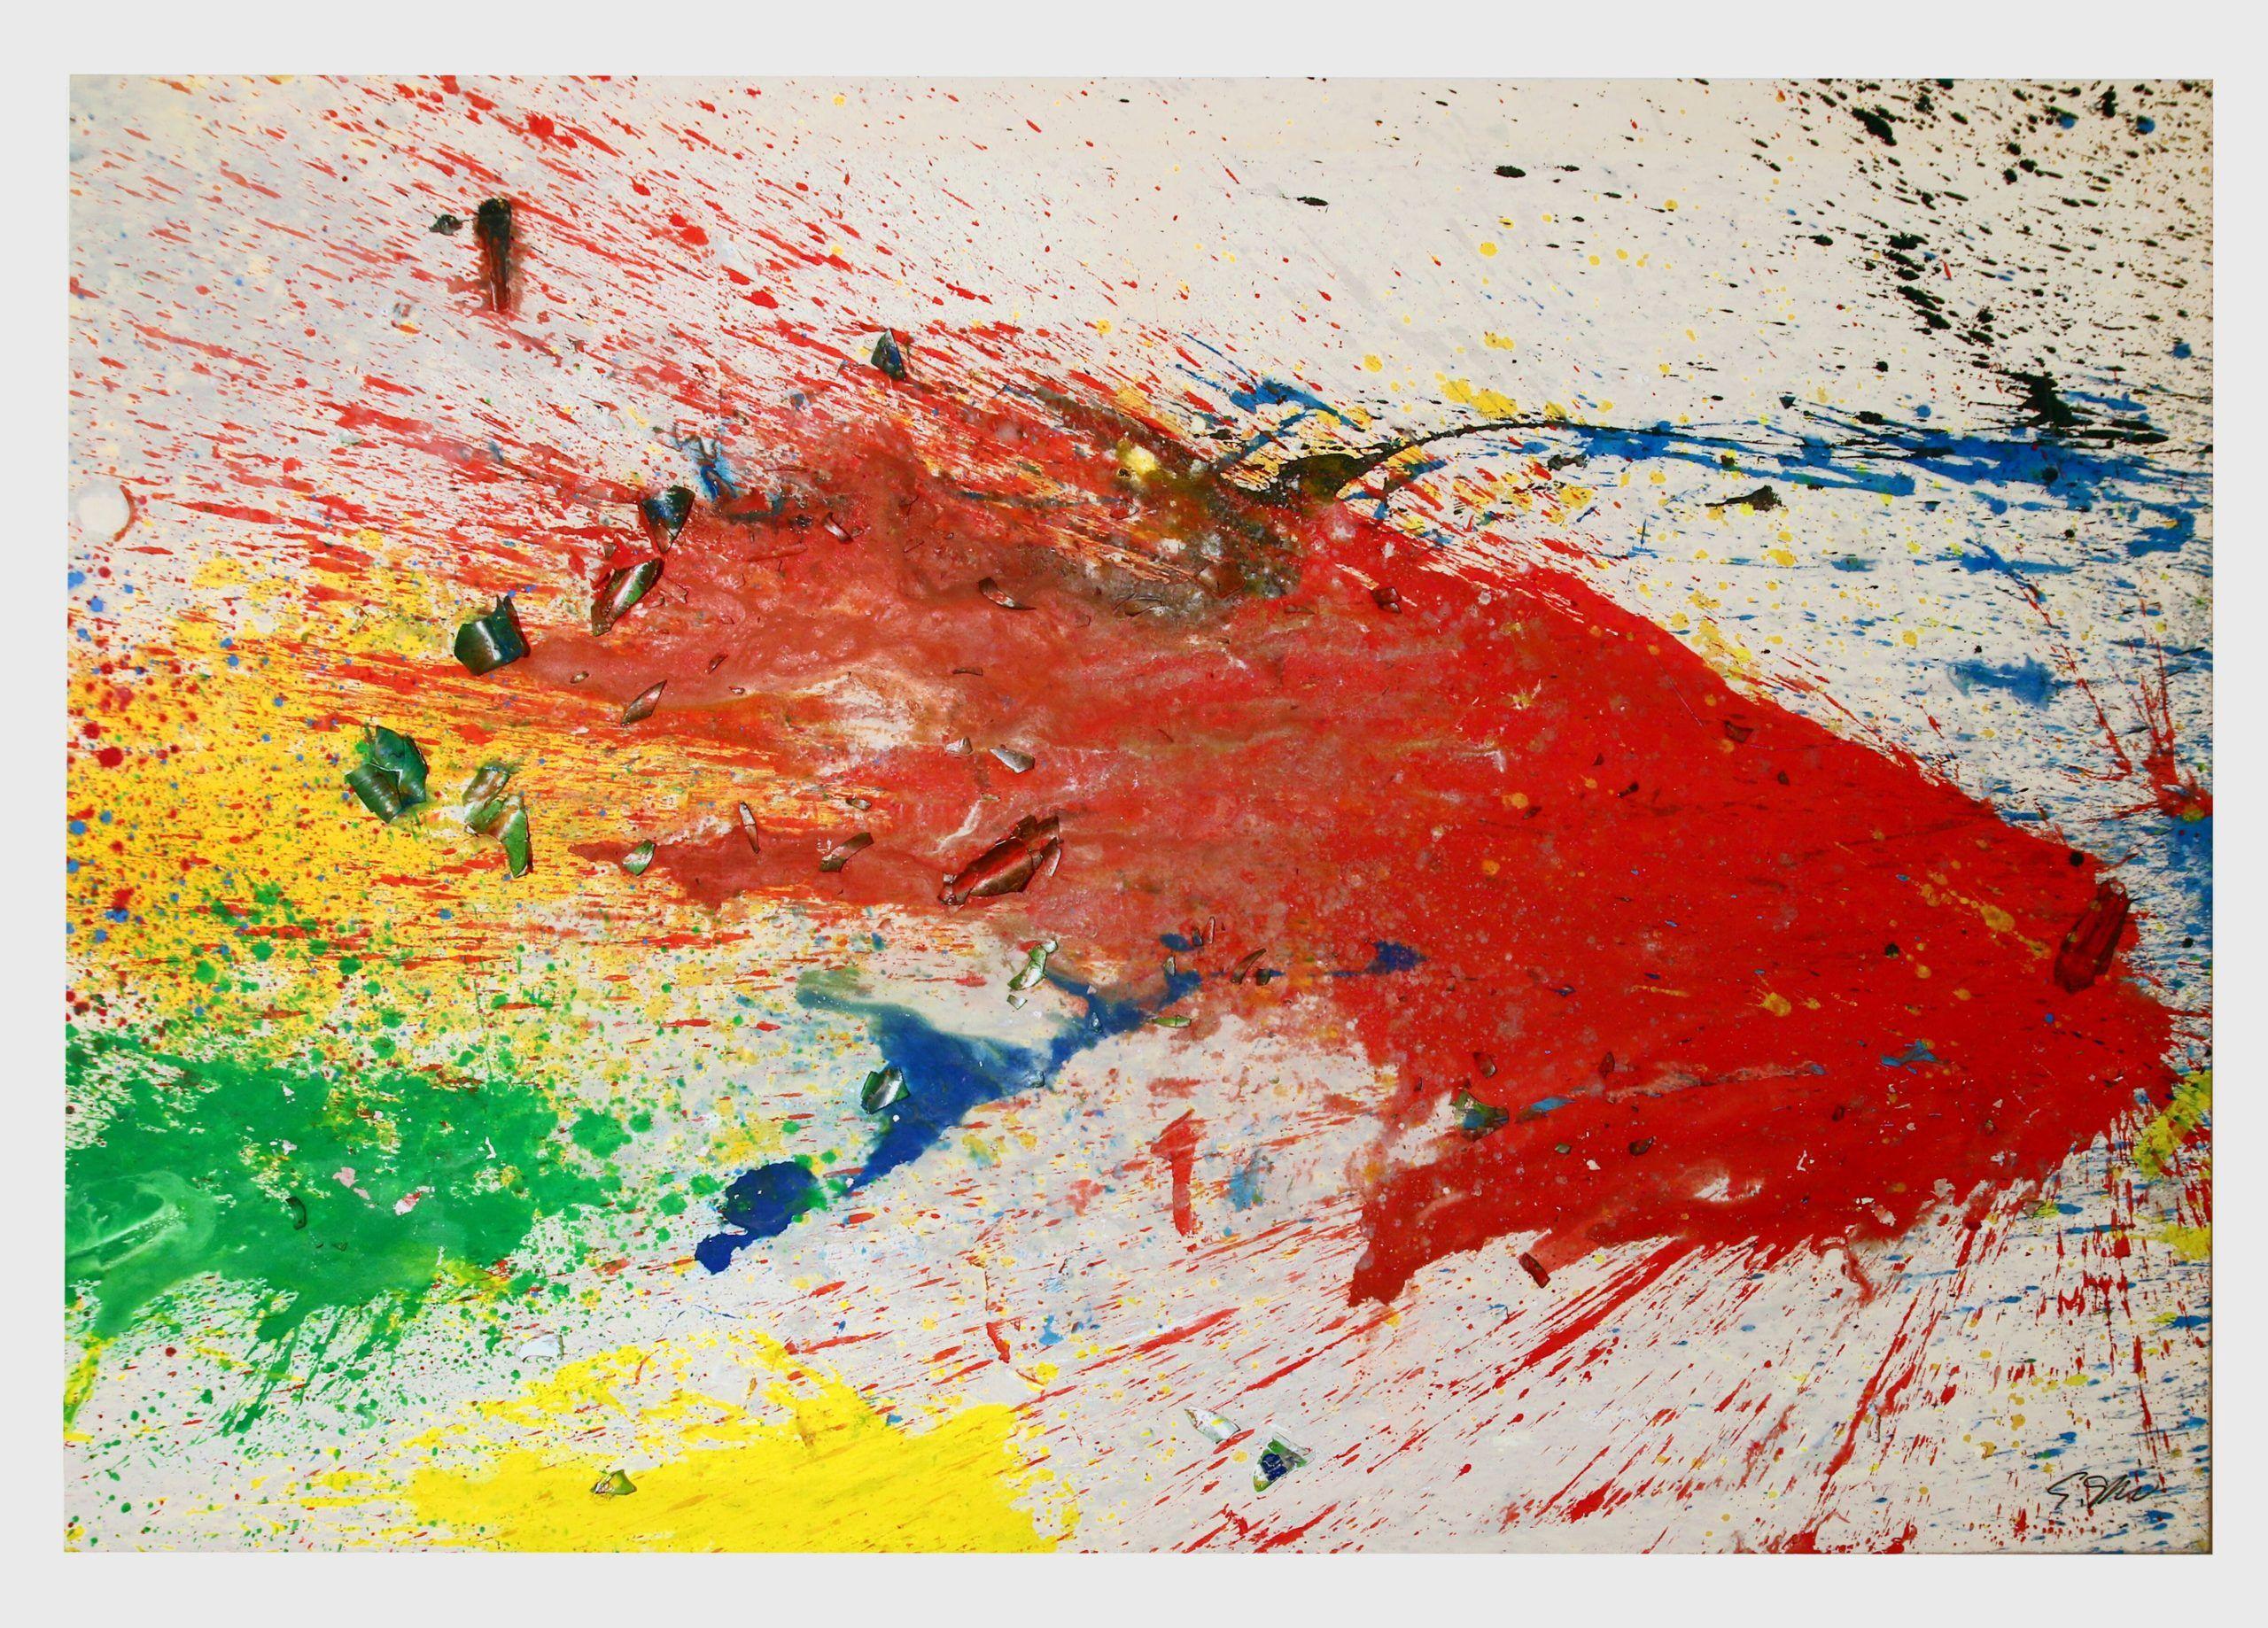 Crash! Le esplosioni di caos e colori di Shozo Shimamoto a Milano